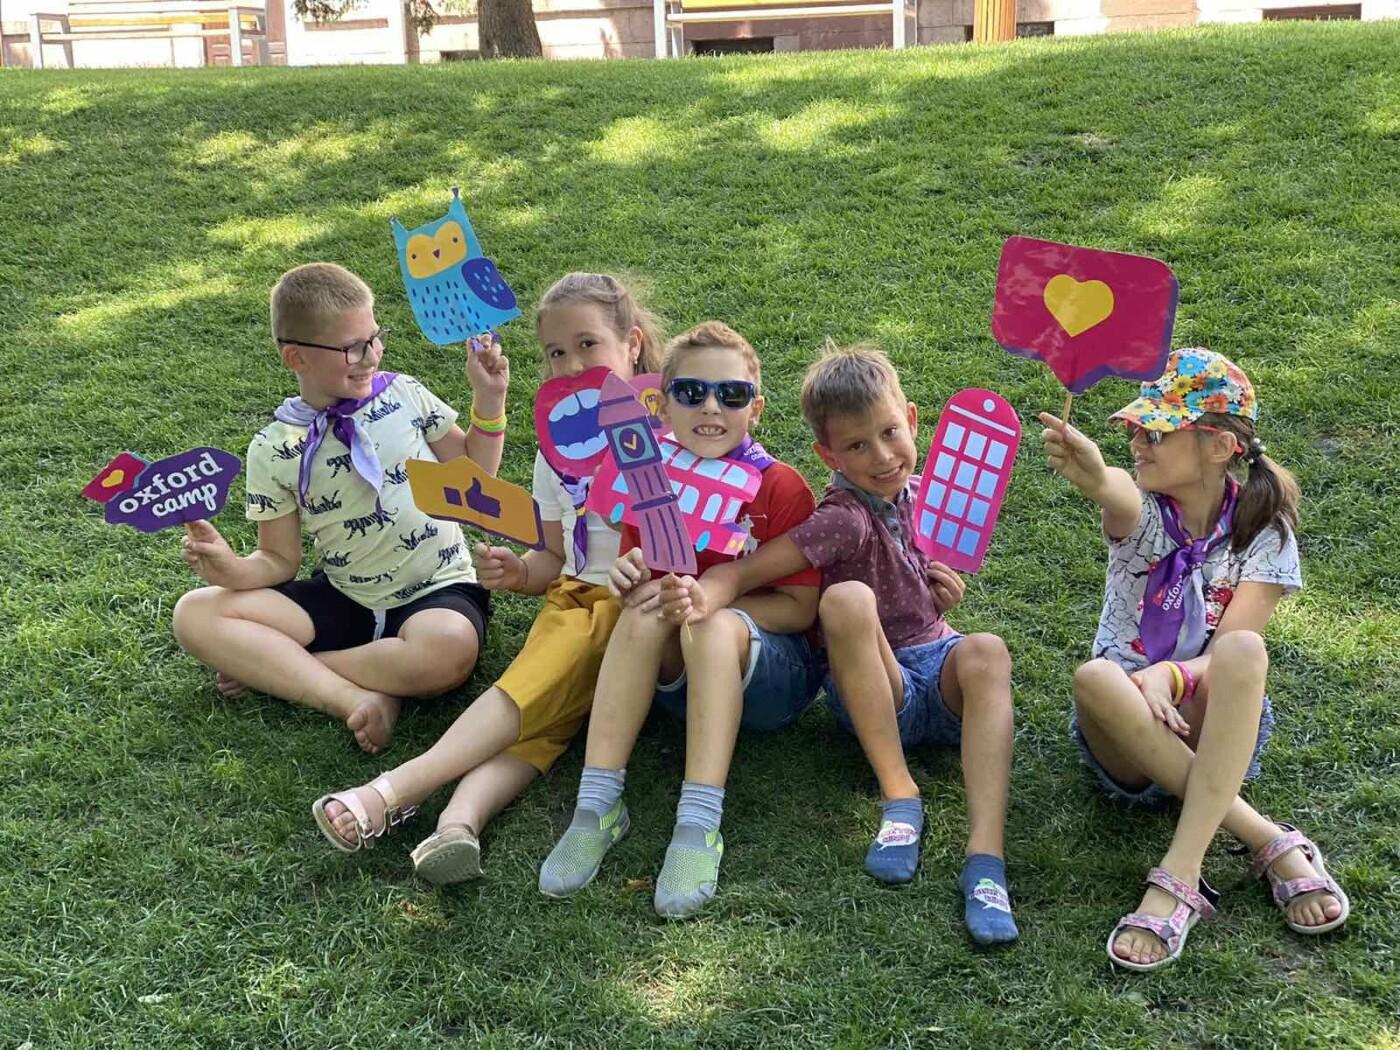 Незабываемые английские каникулы для детей 6-15 лет! (*Акция до 20 мая 2021 г.), фото-15